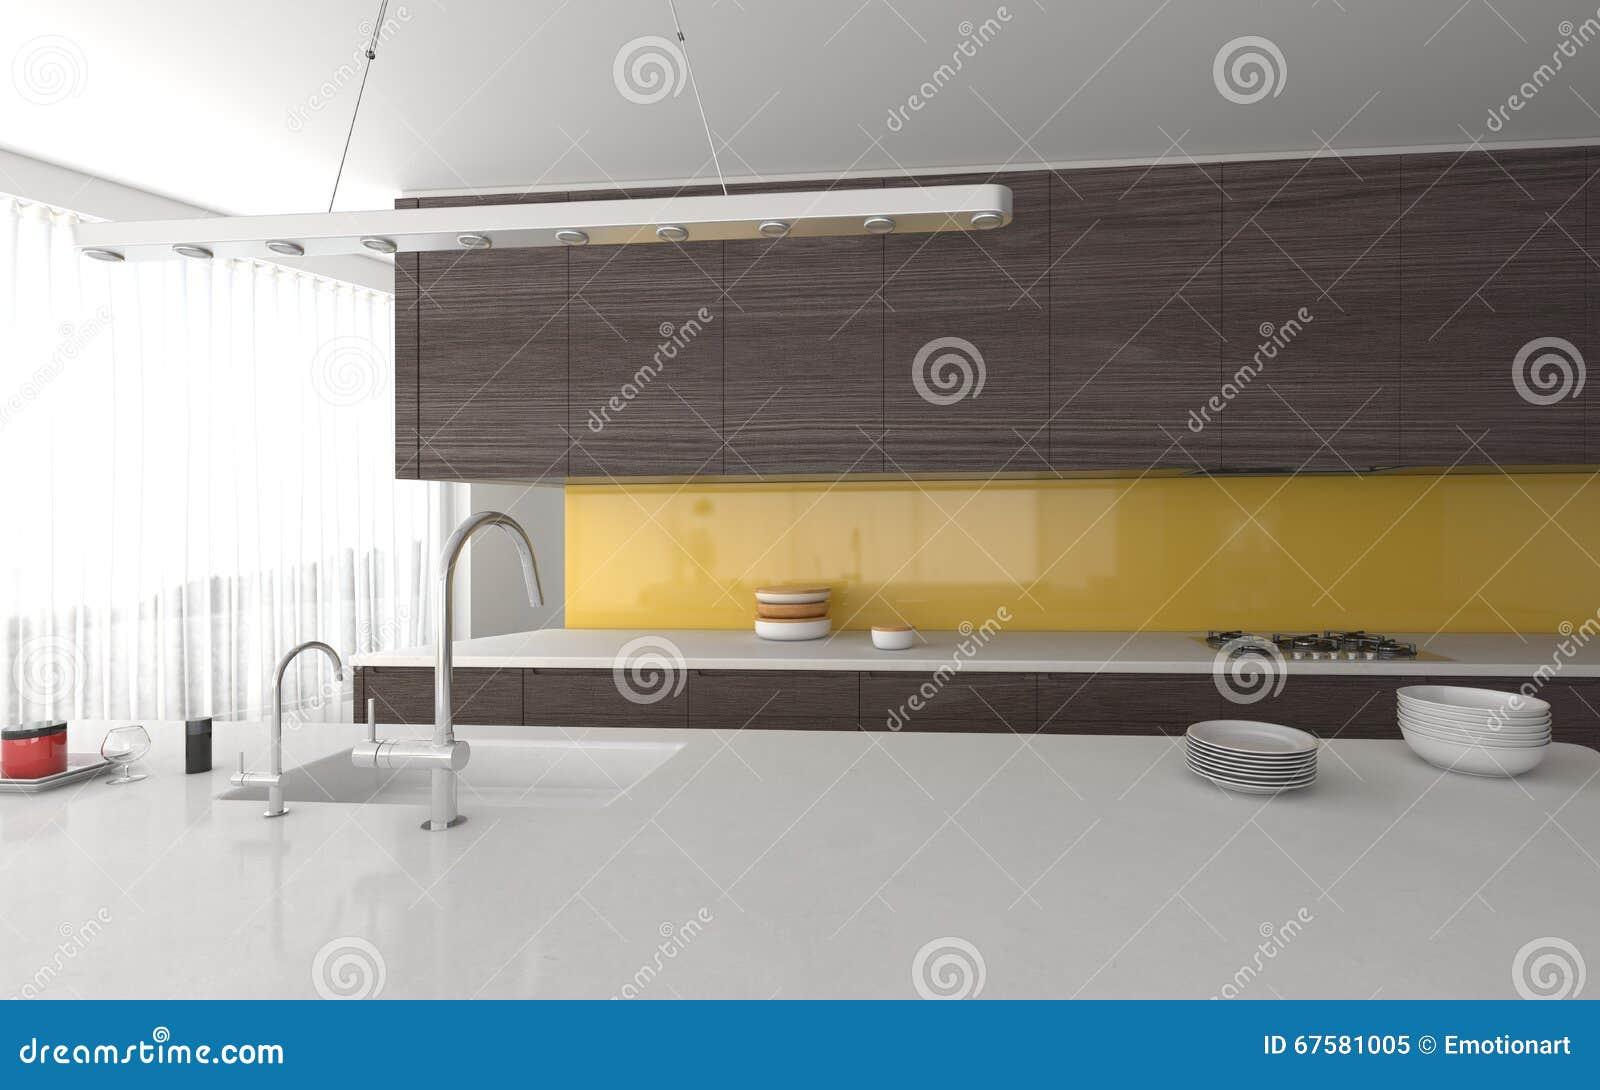 Grijze Keuken Modern : Moderne gele en grijze keuken zonder tussenmuren stock illustratie